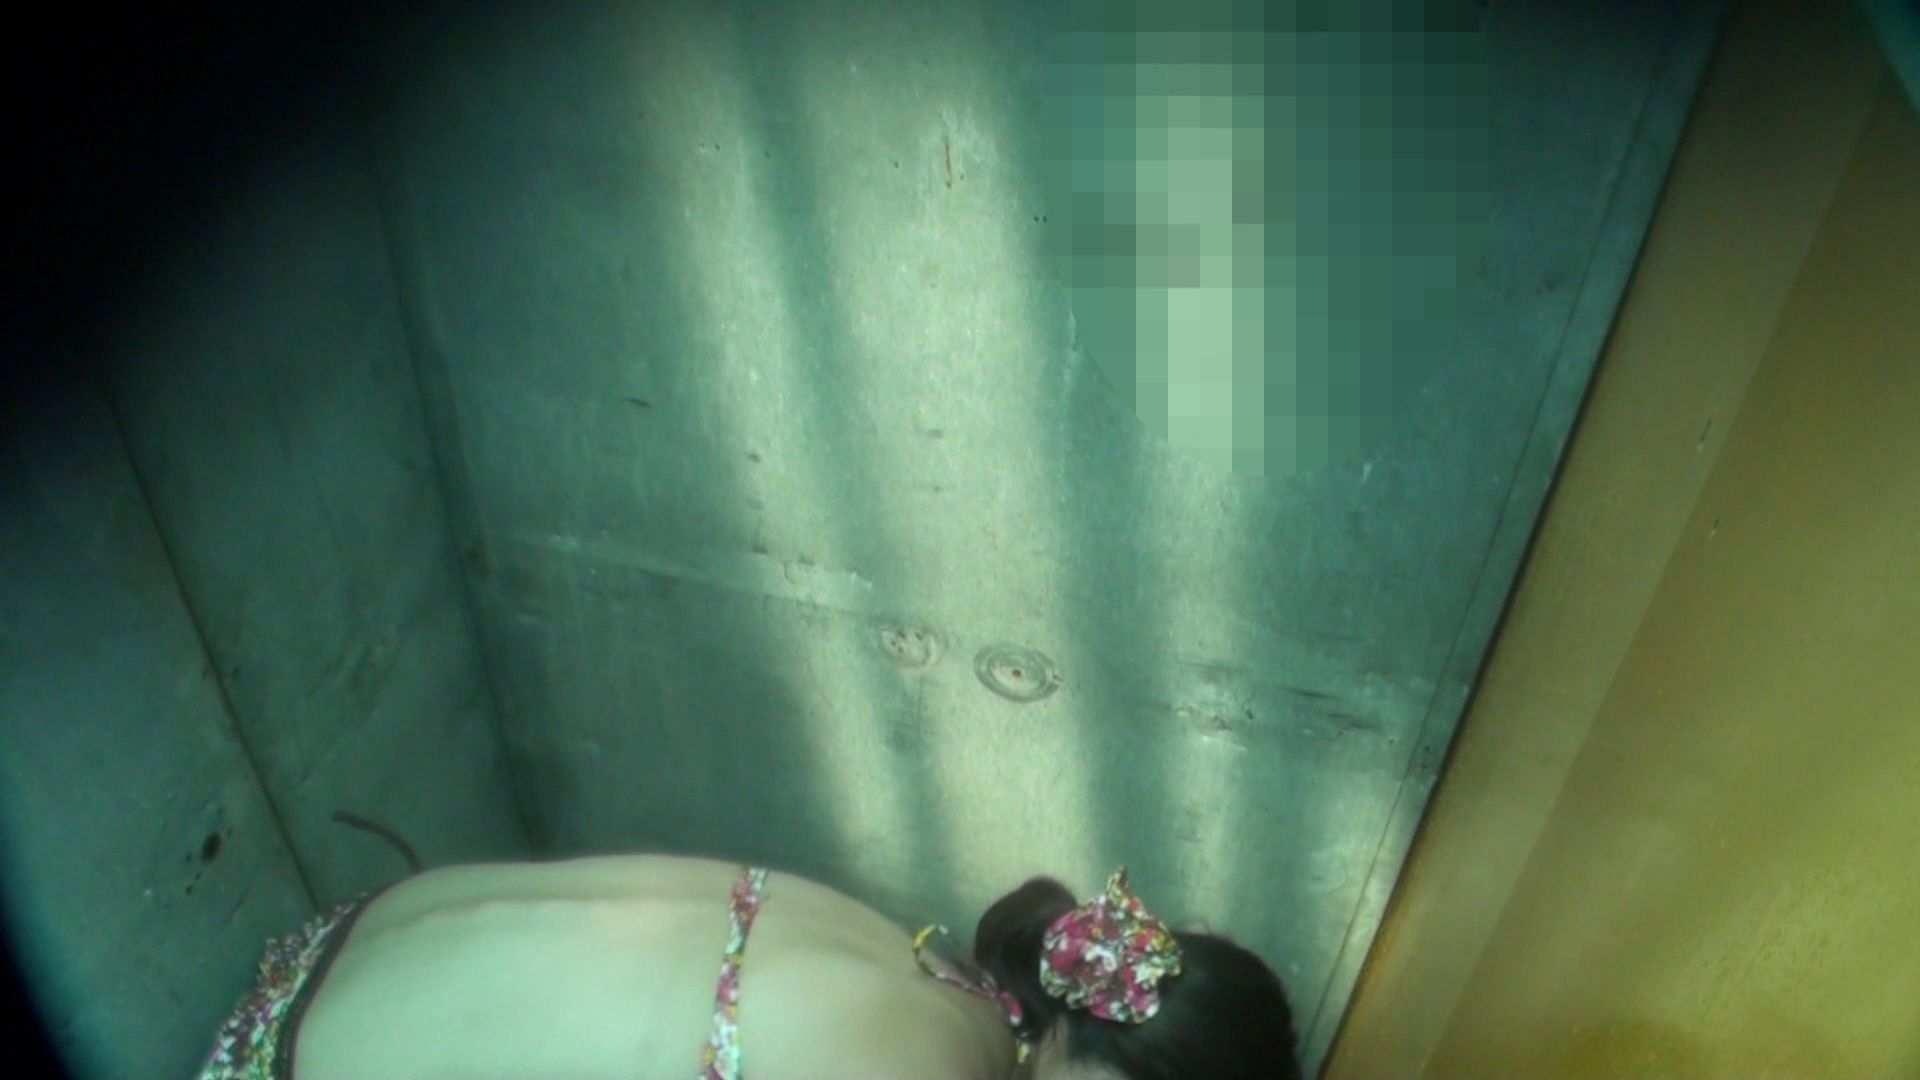 シャワールームは超!!危険な香りVol.16 意外に乳首は年増のそれ 高画質モード セックス画像 105画像 9